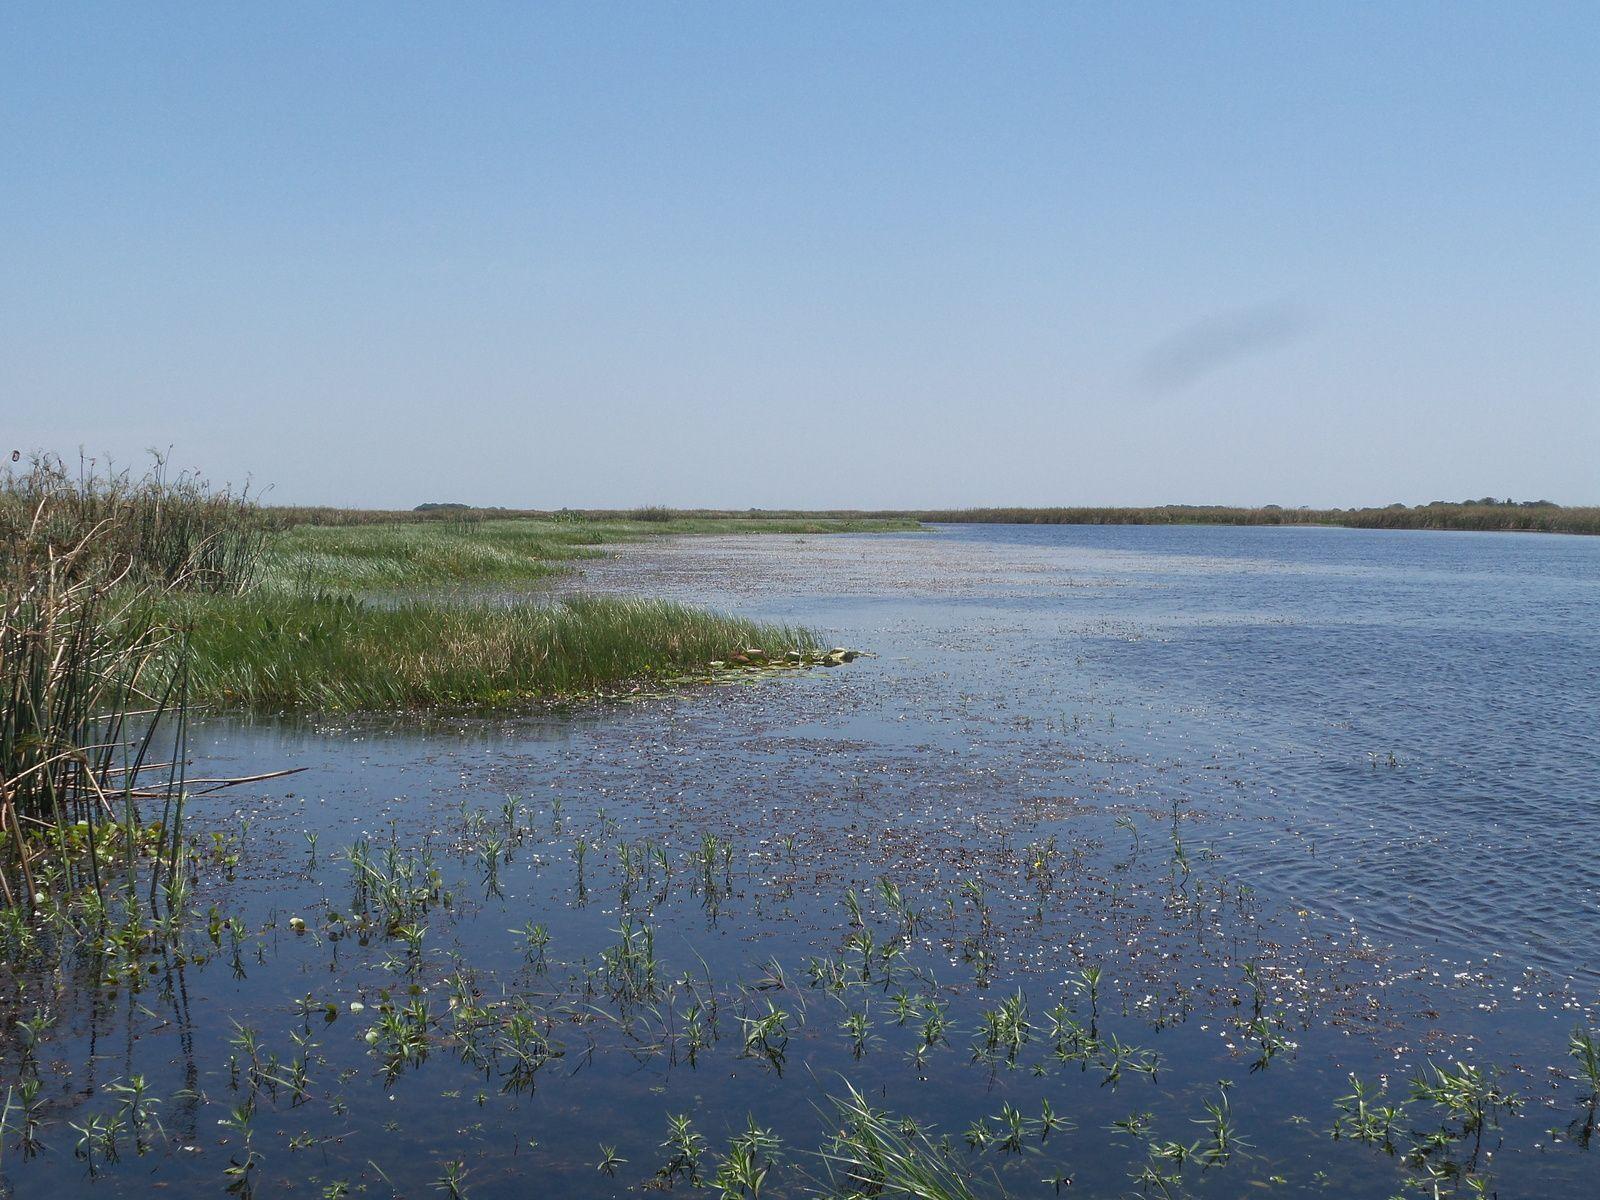 Vaste étendue d'eau douce et de marais